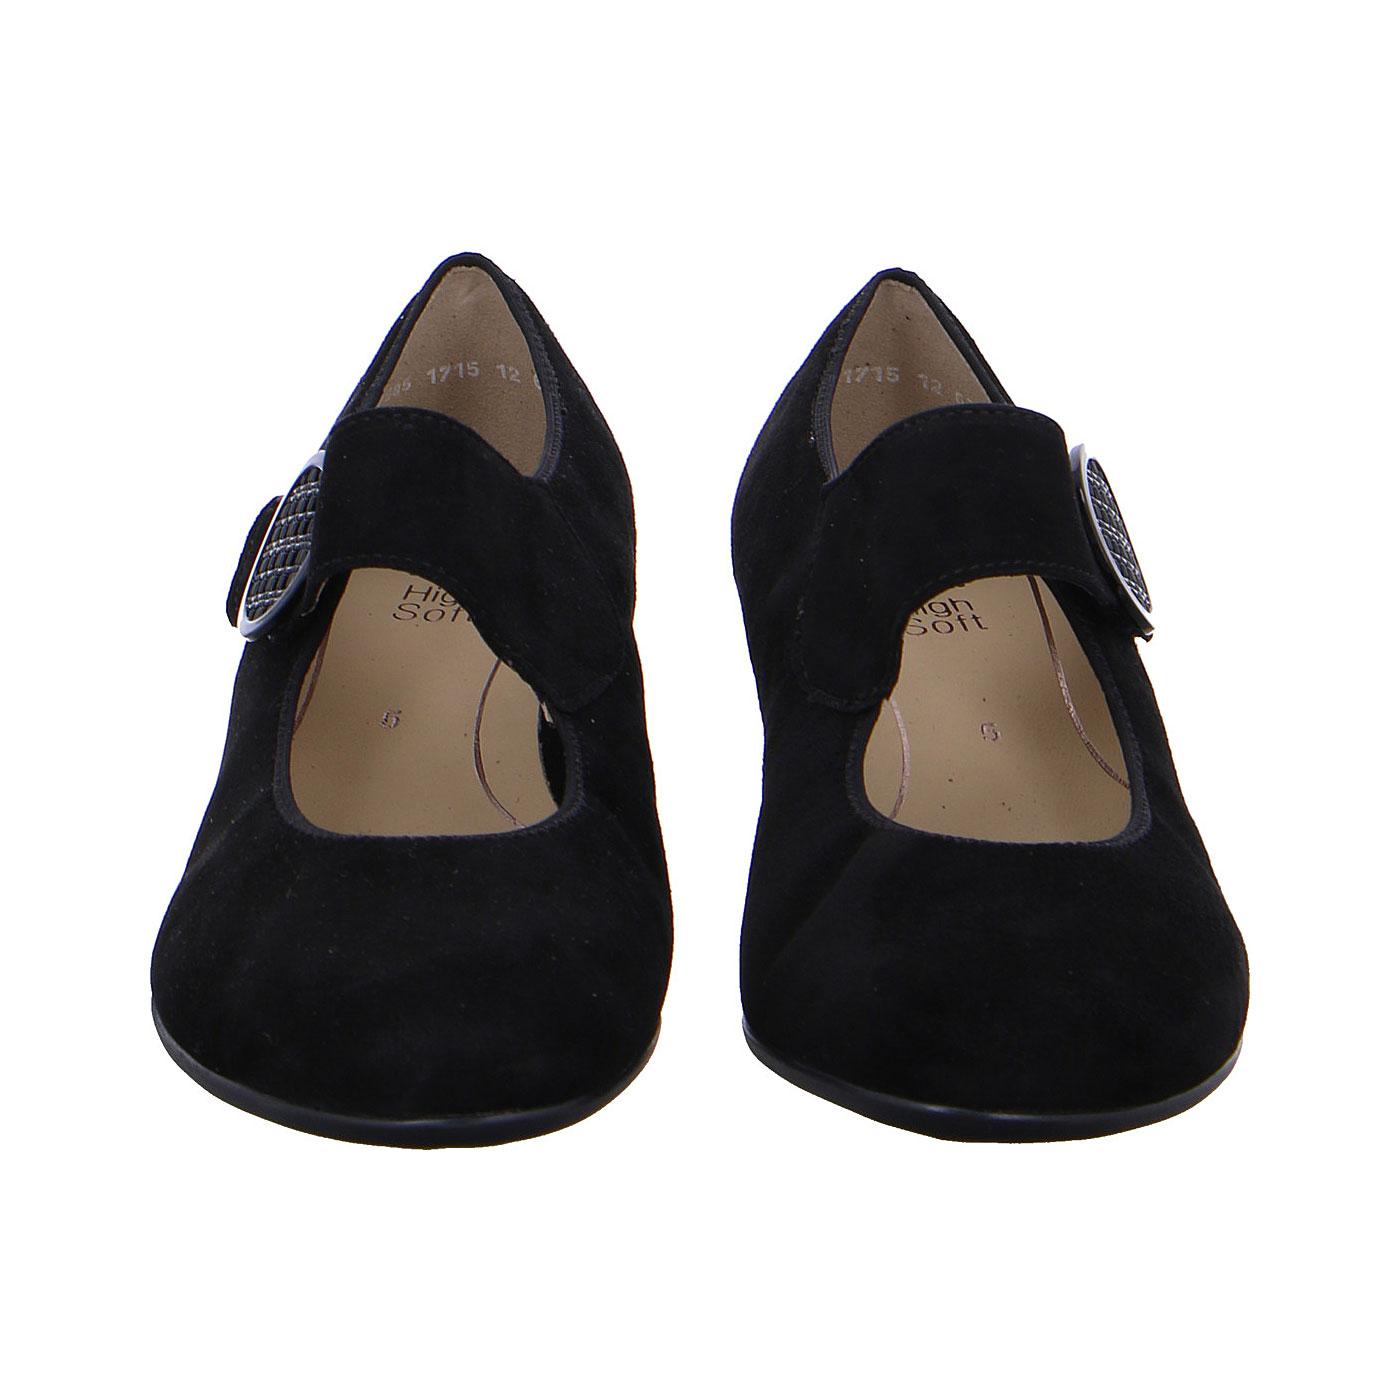 Дамски черни елегантни обувки на ток с каишка Ара 12-63630-01 - снимка 6